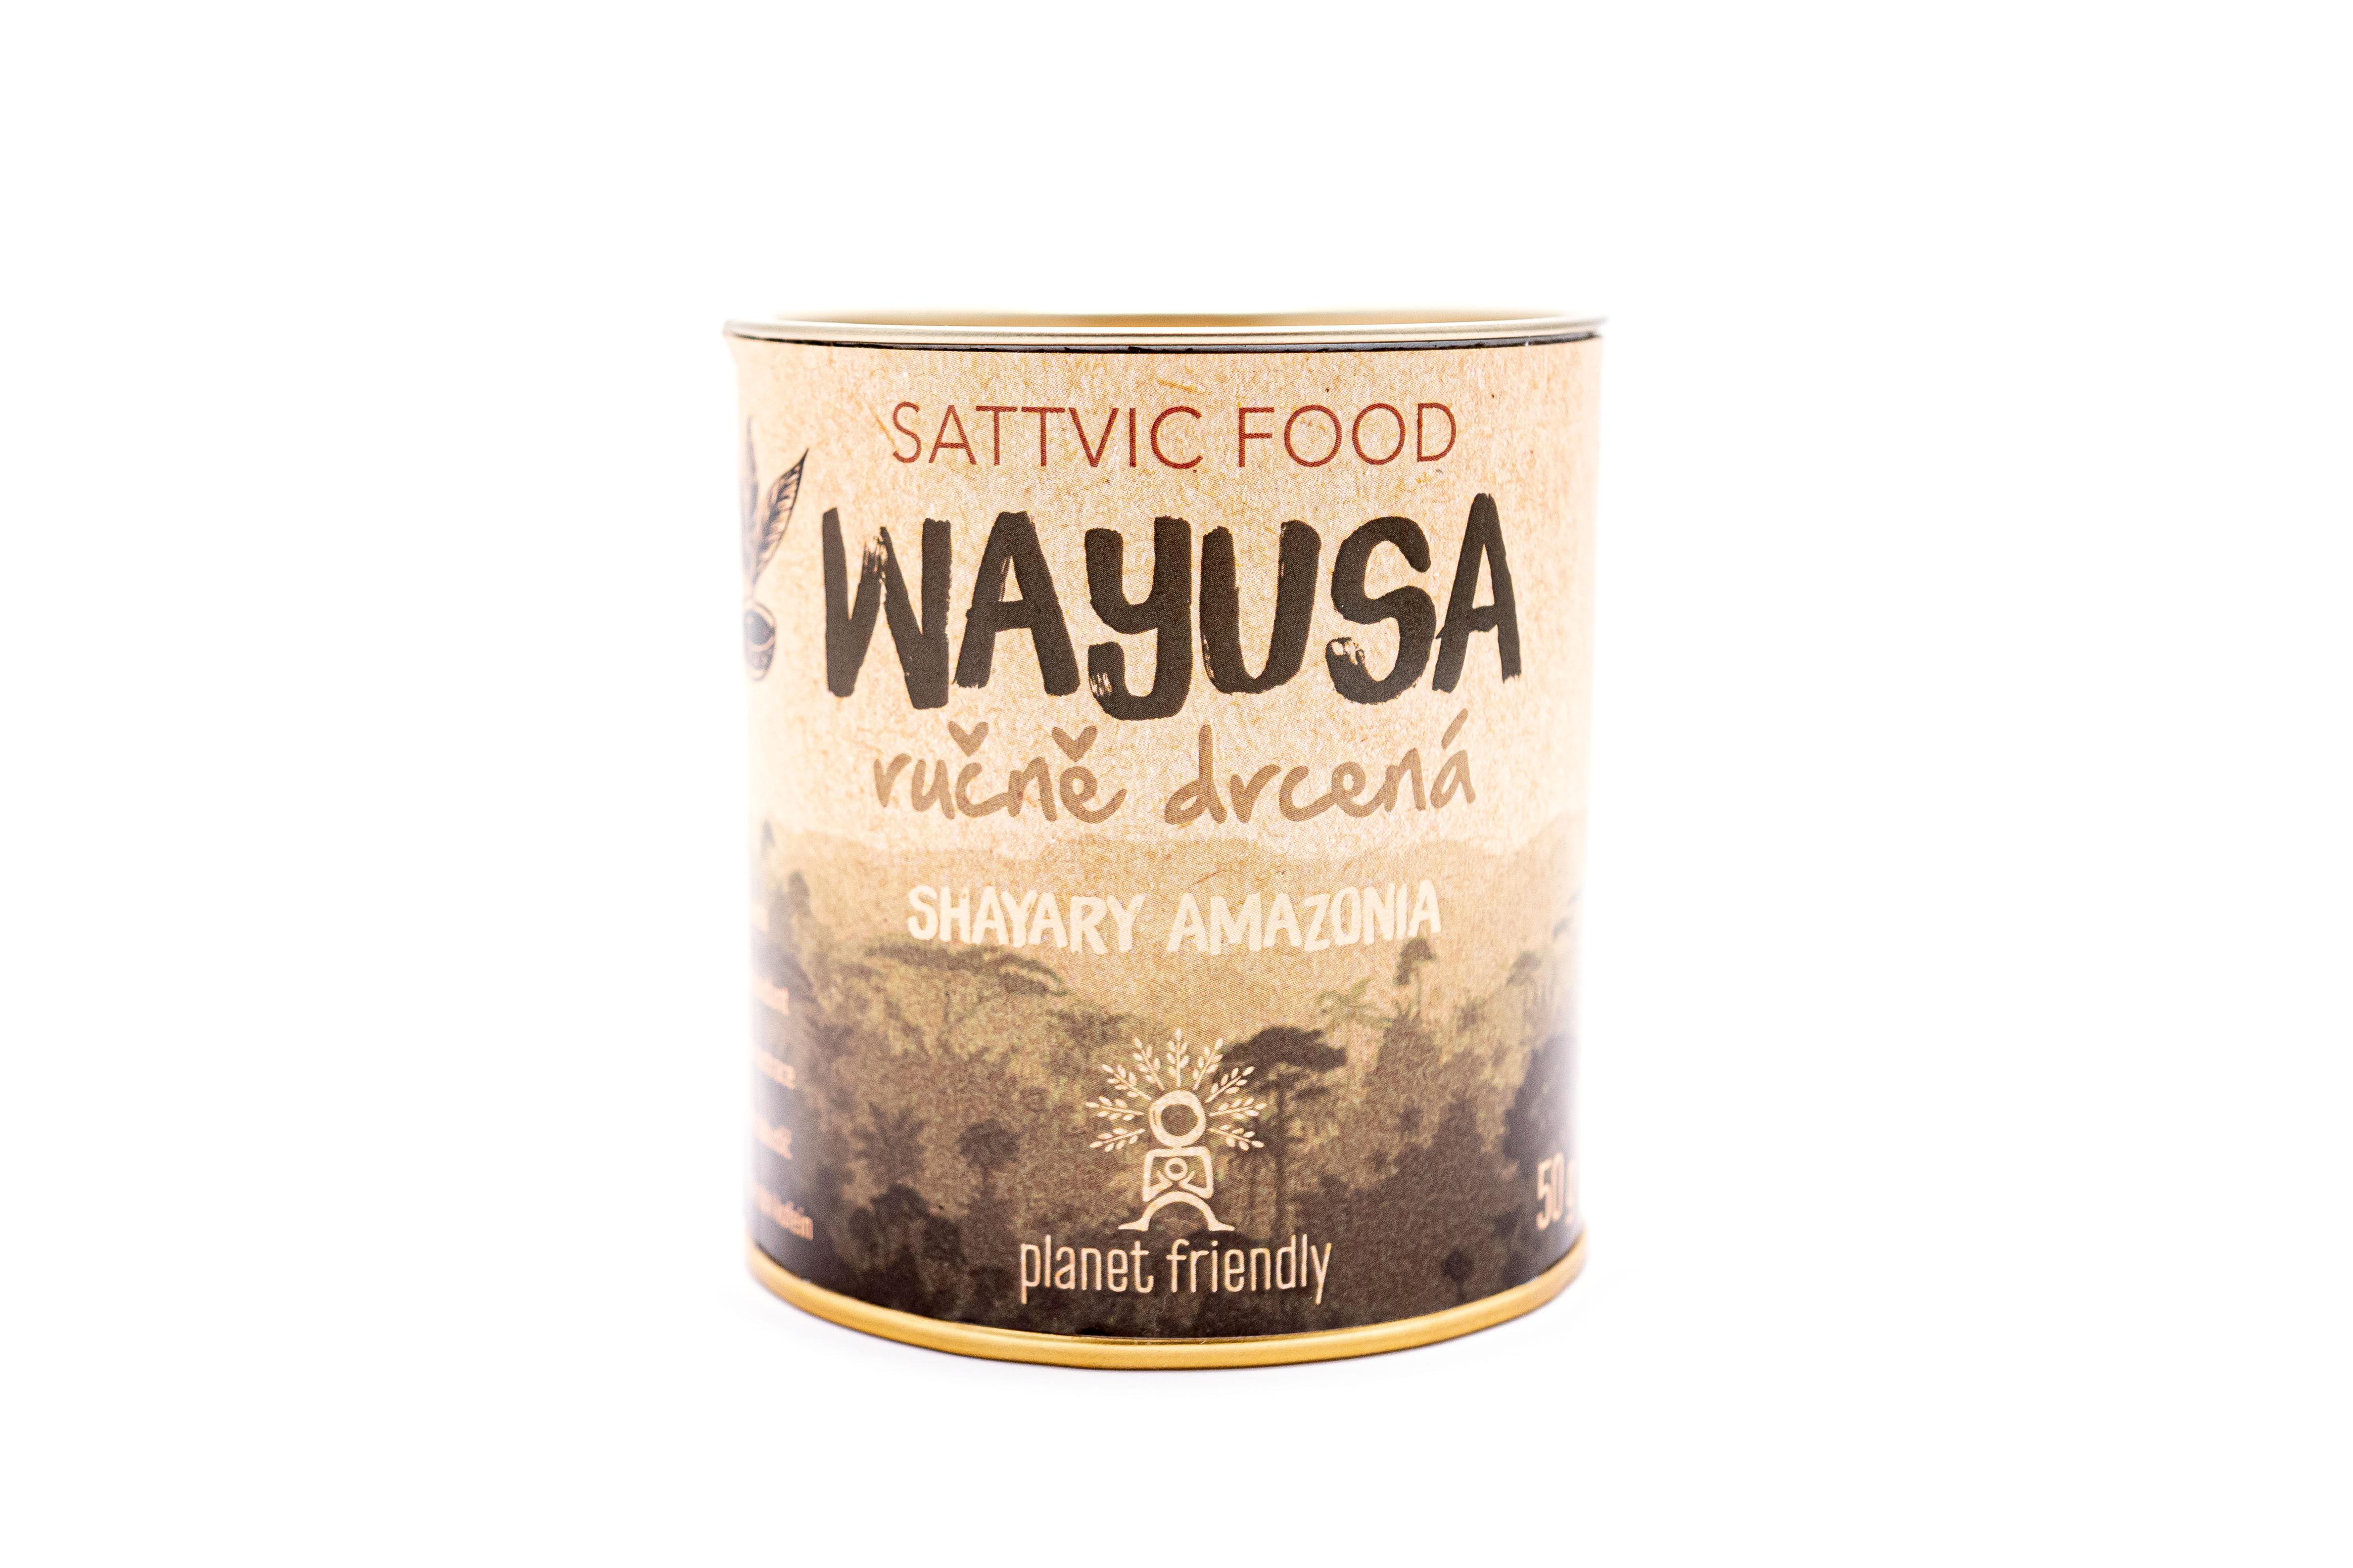 Planet Friendly Wayusa ručně drcená, 50 g